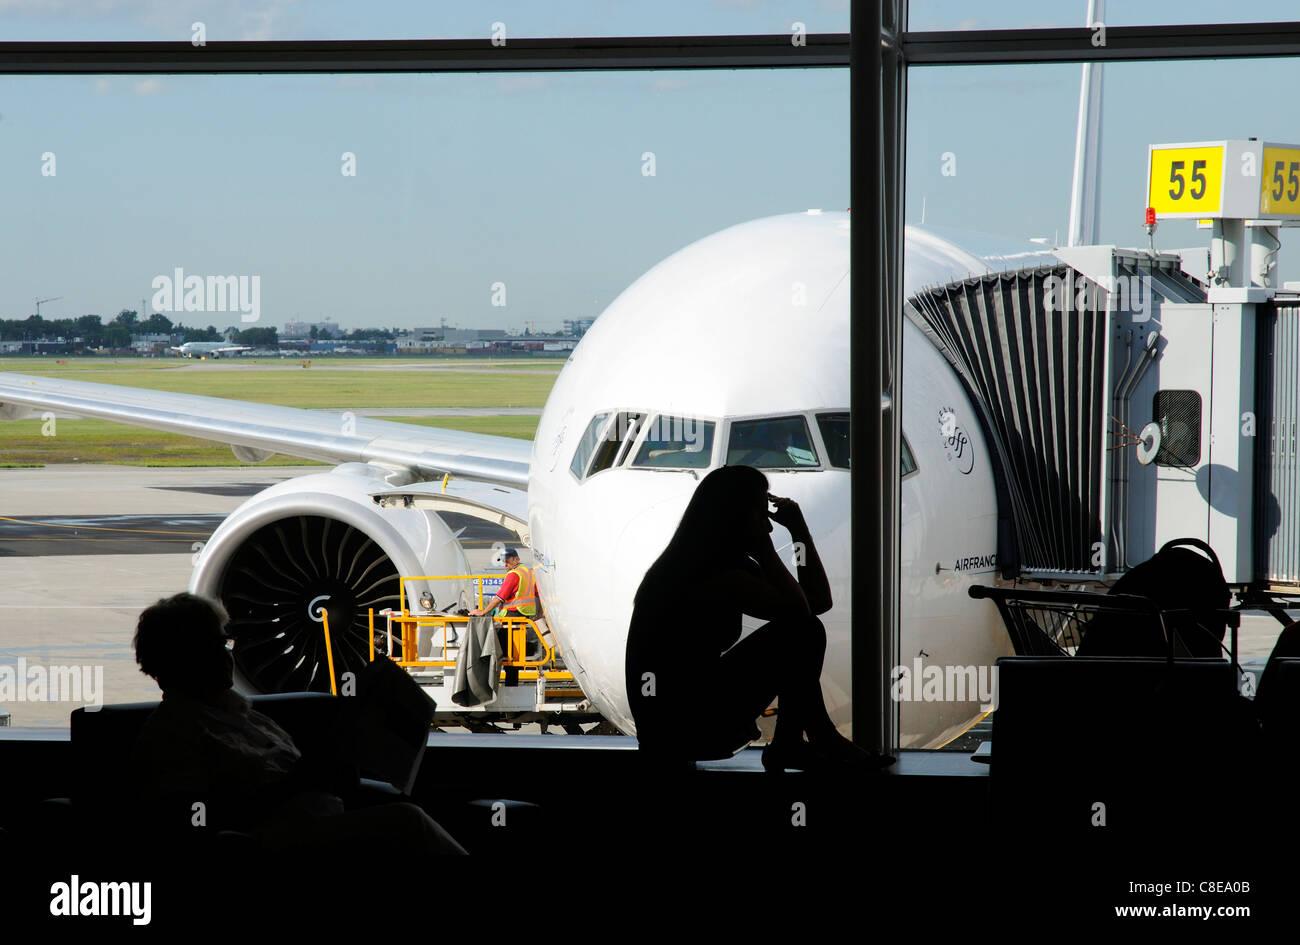 Une jeune femme sur un téléphone mobile en silhouette dans un aéroport de départ fenêtre Photo Stock